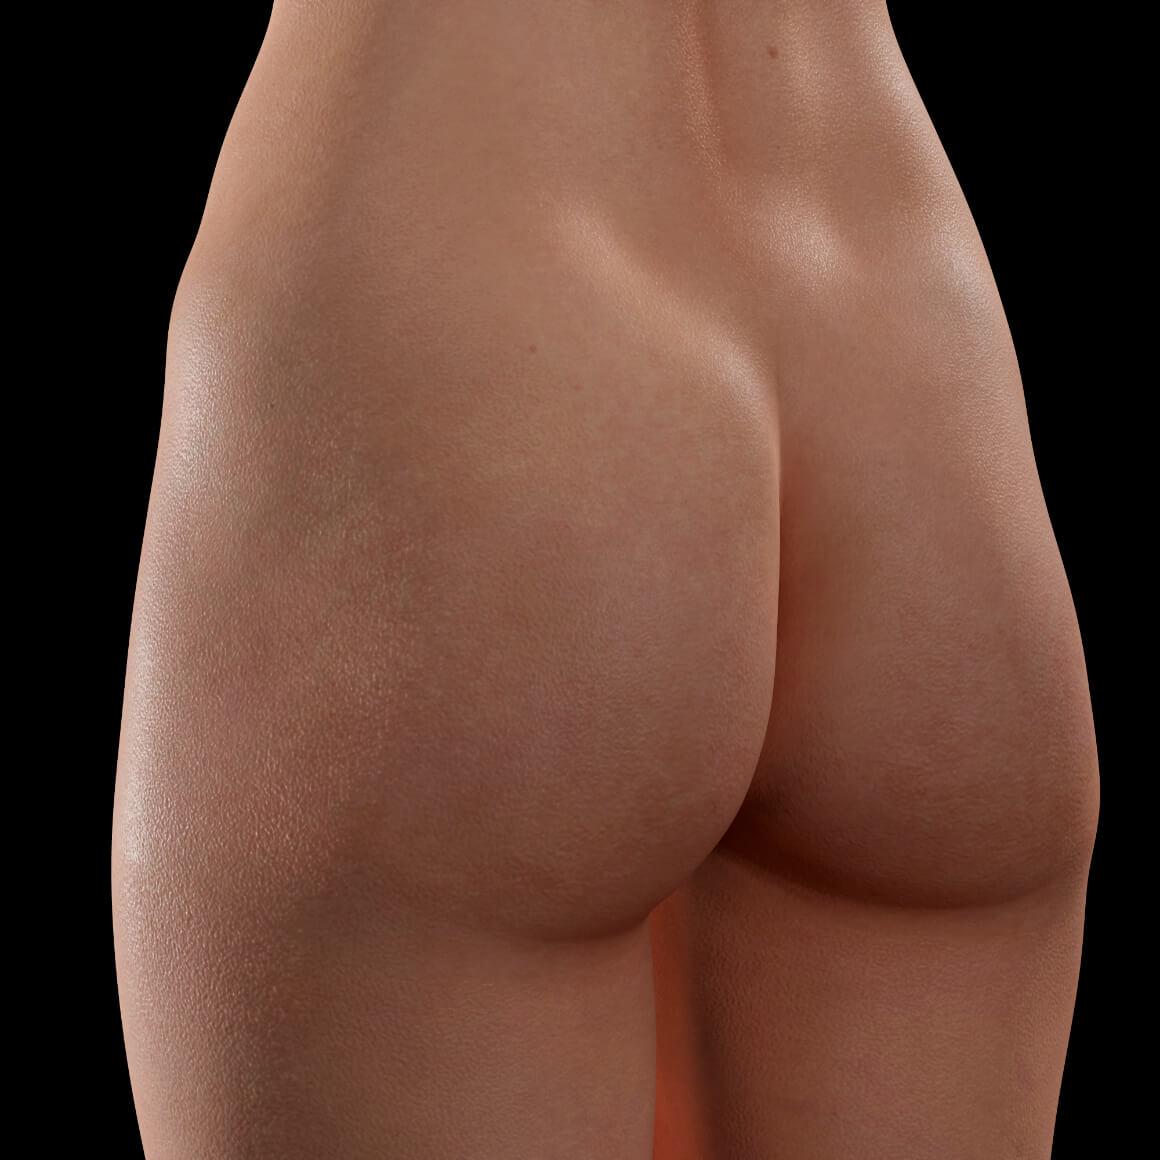 Patient de la Clinique Chloé positionné en angle avant un traitement d'augmentation des fesses